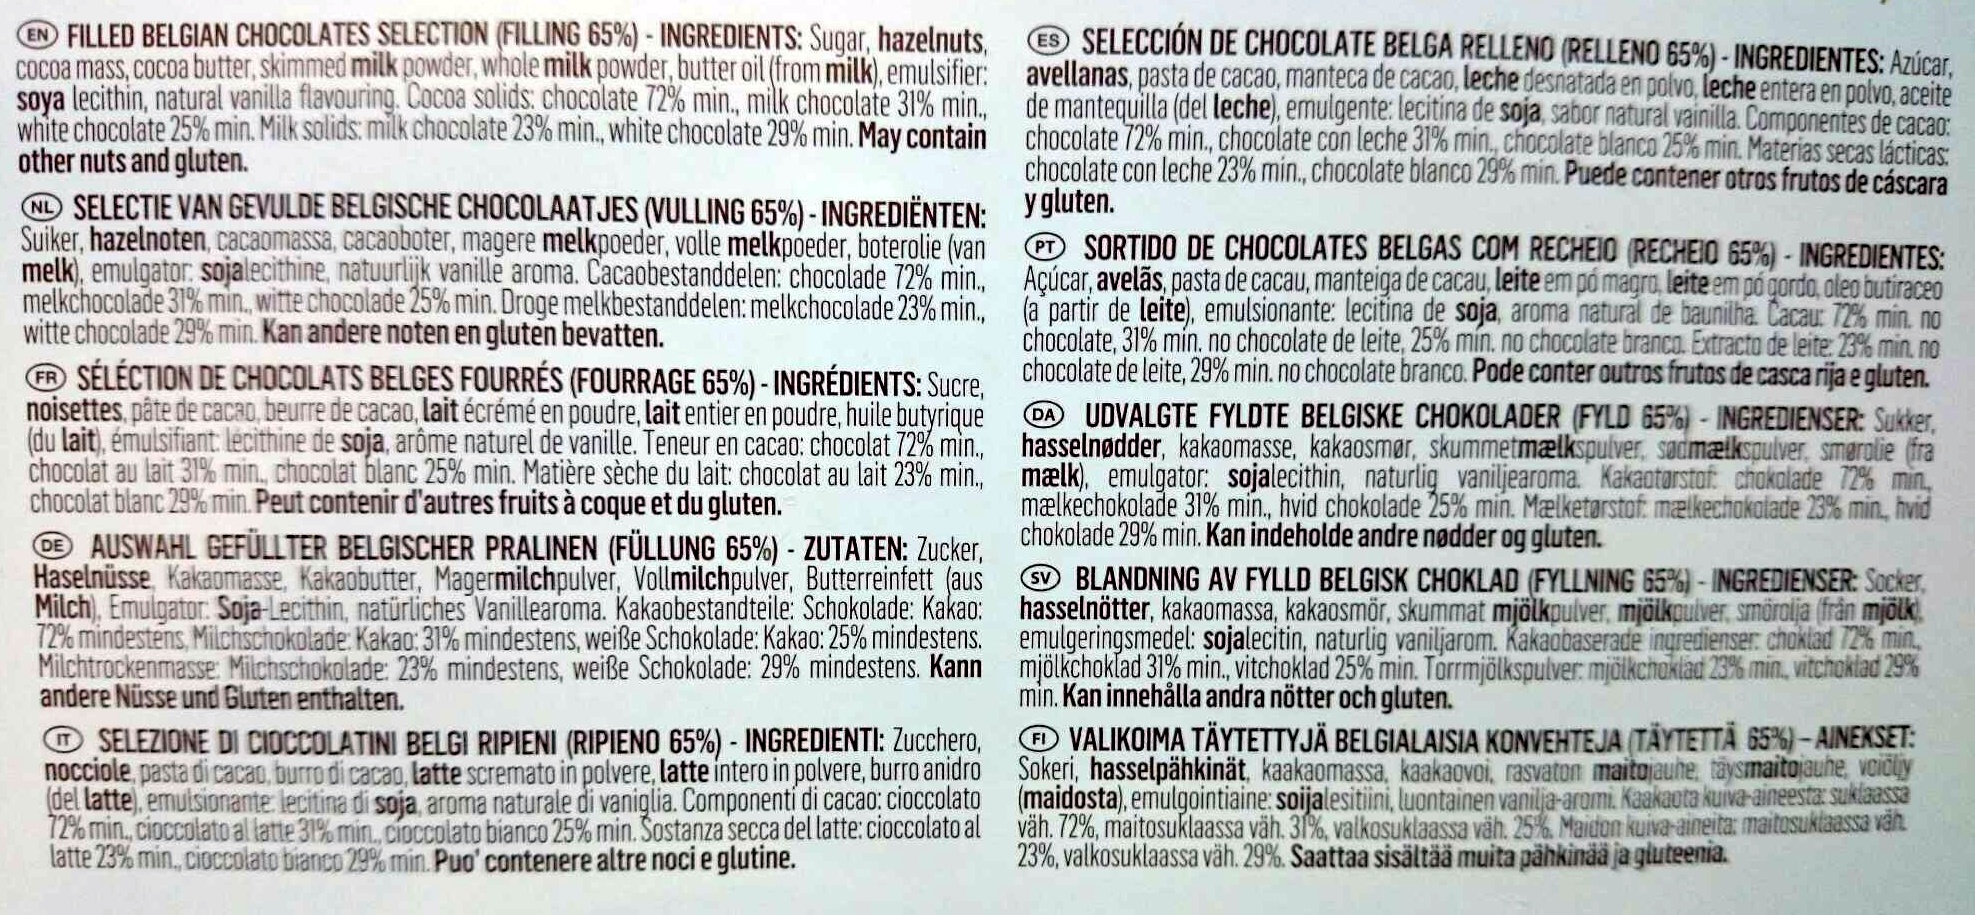 Guylian Sea Shells Selection - Ingredients